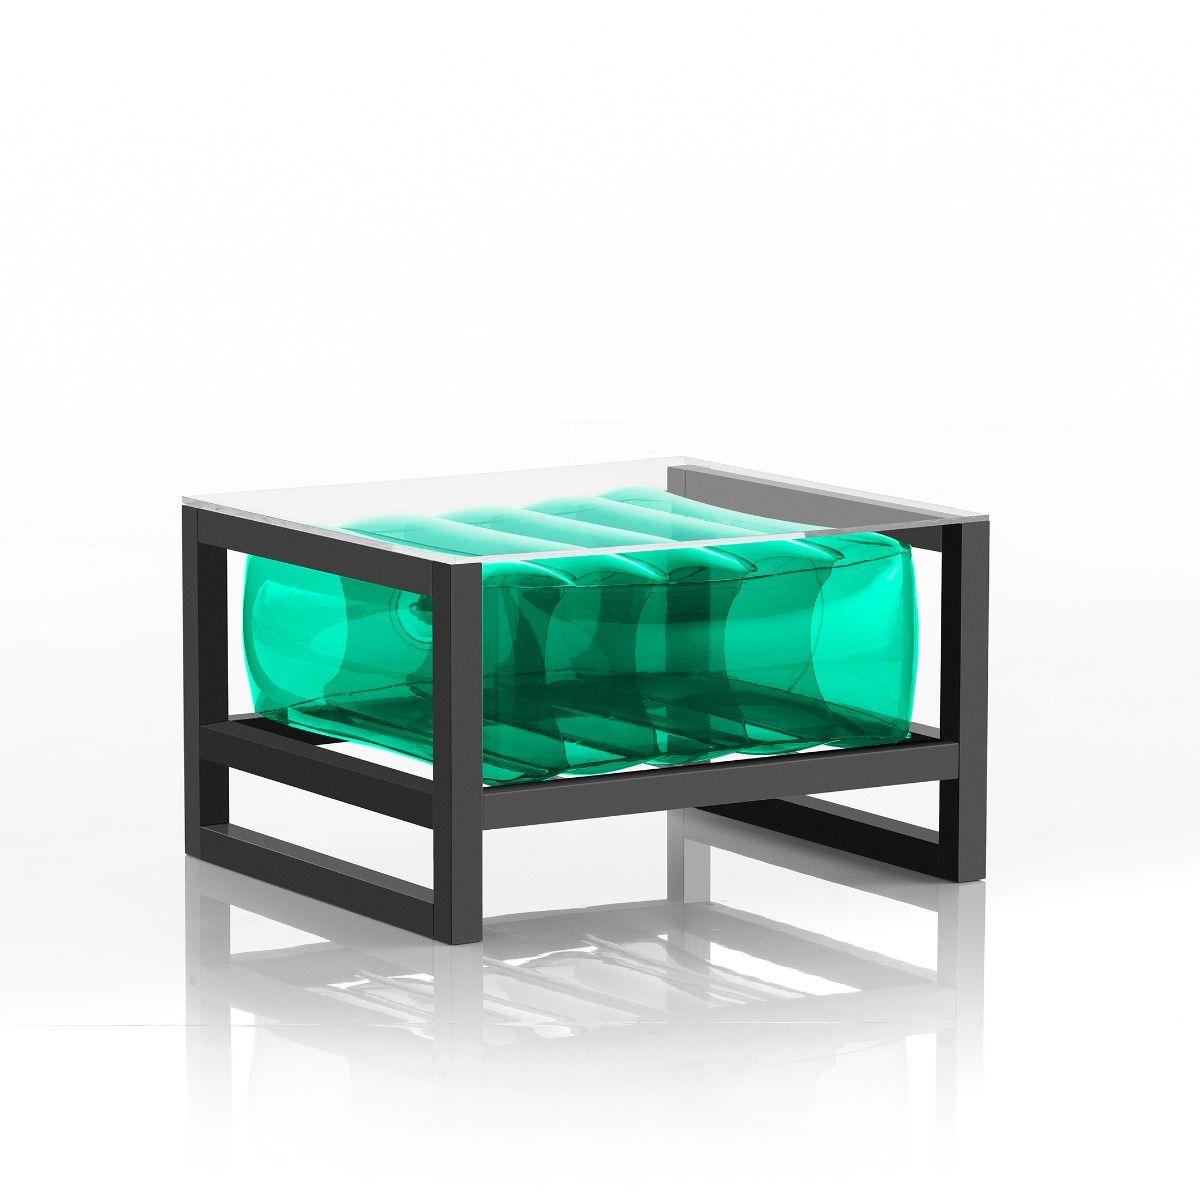 Table basse tpu vert cadre en aluminium